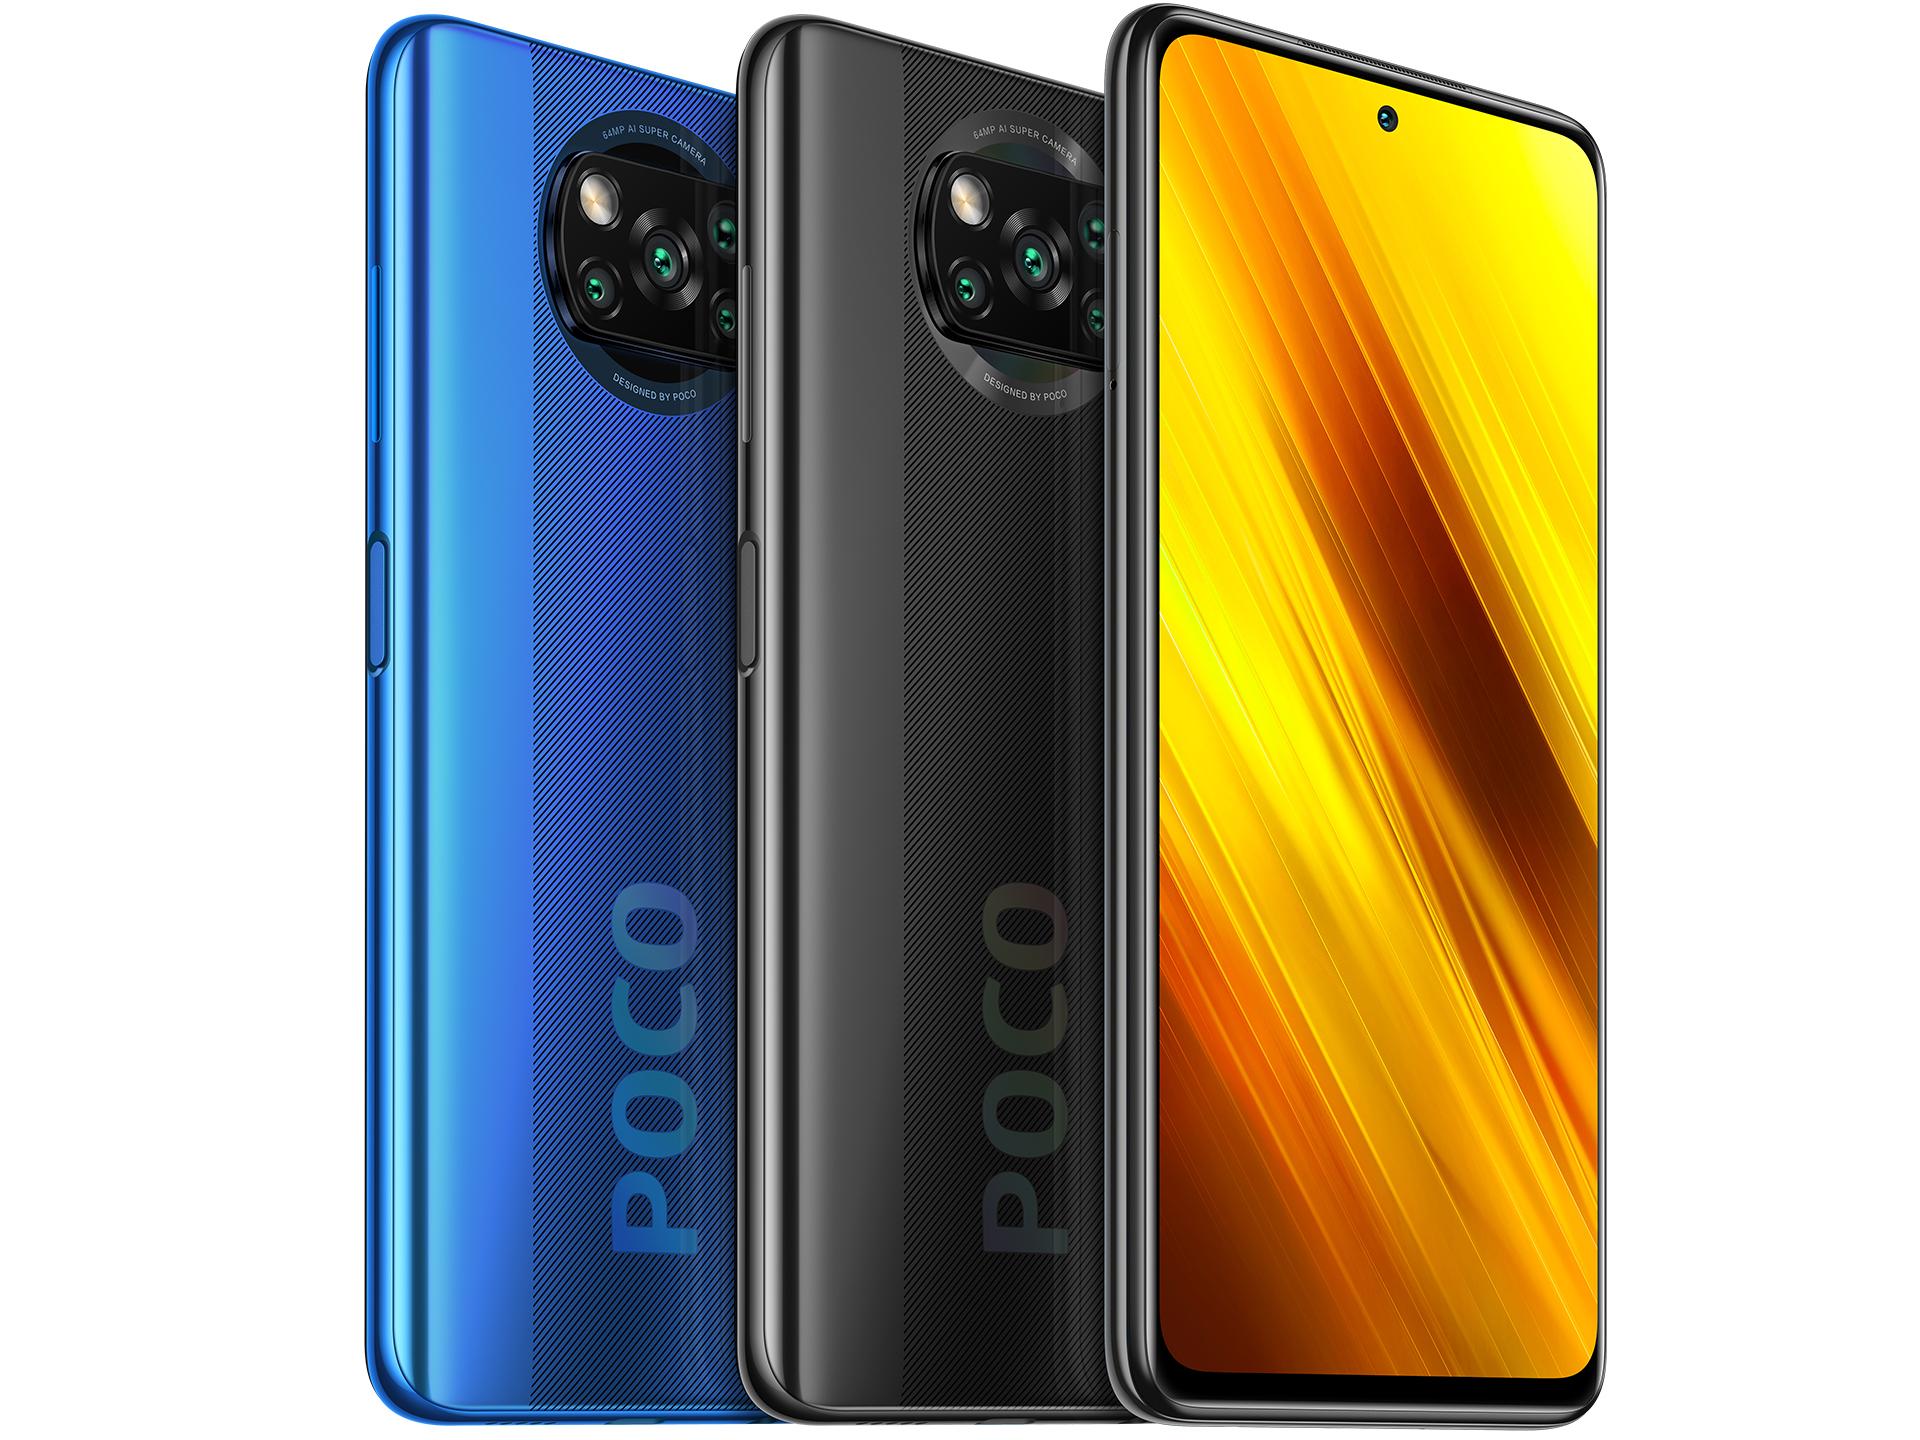 Xiaomi Poco X3 NFC - Notebookcheck.net External Reviews